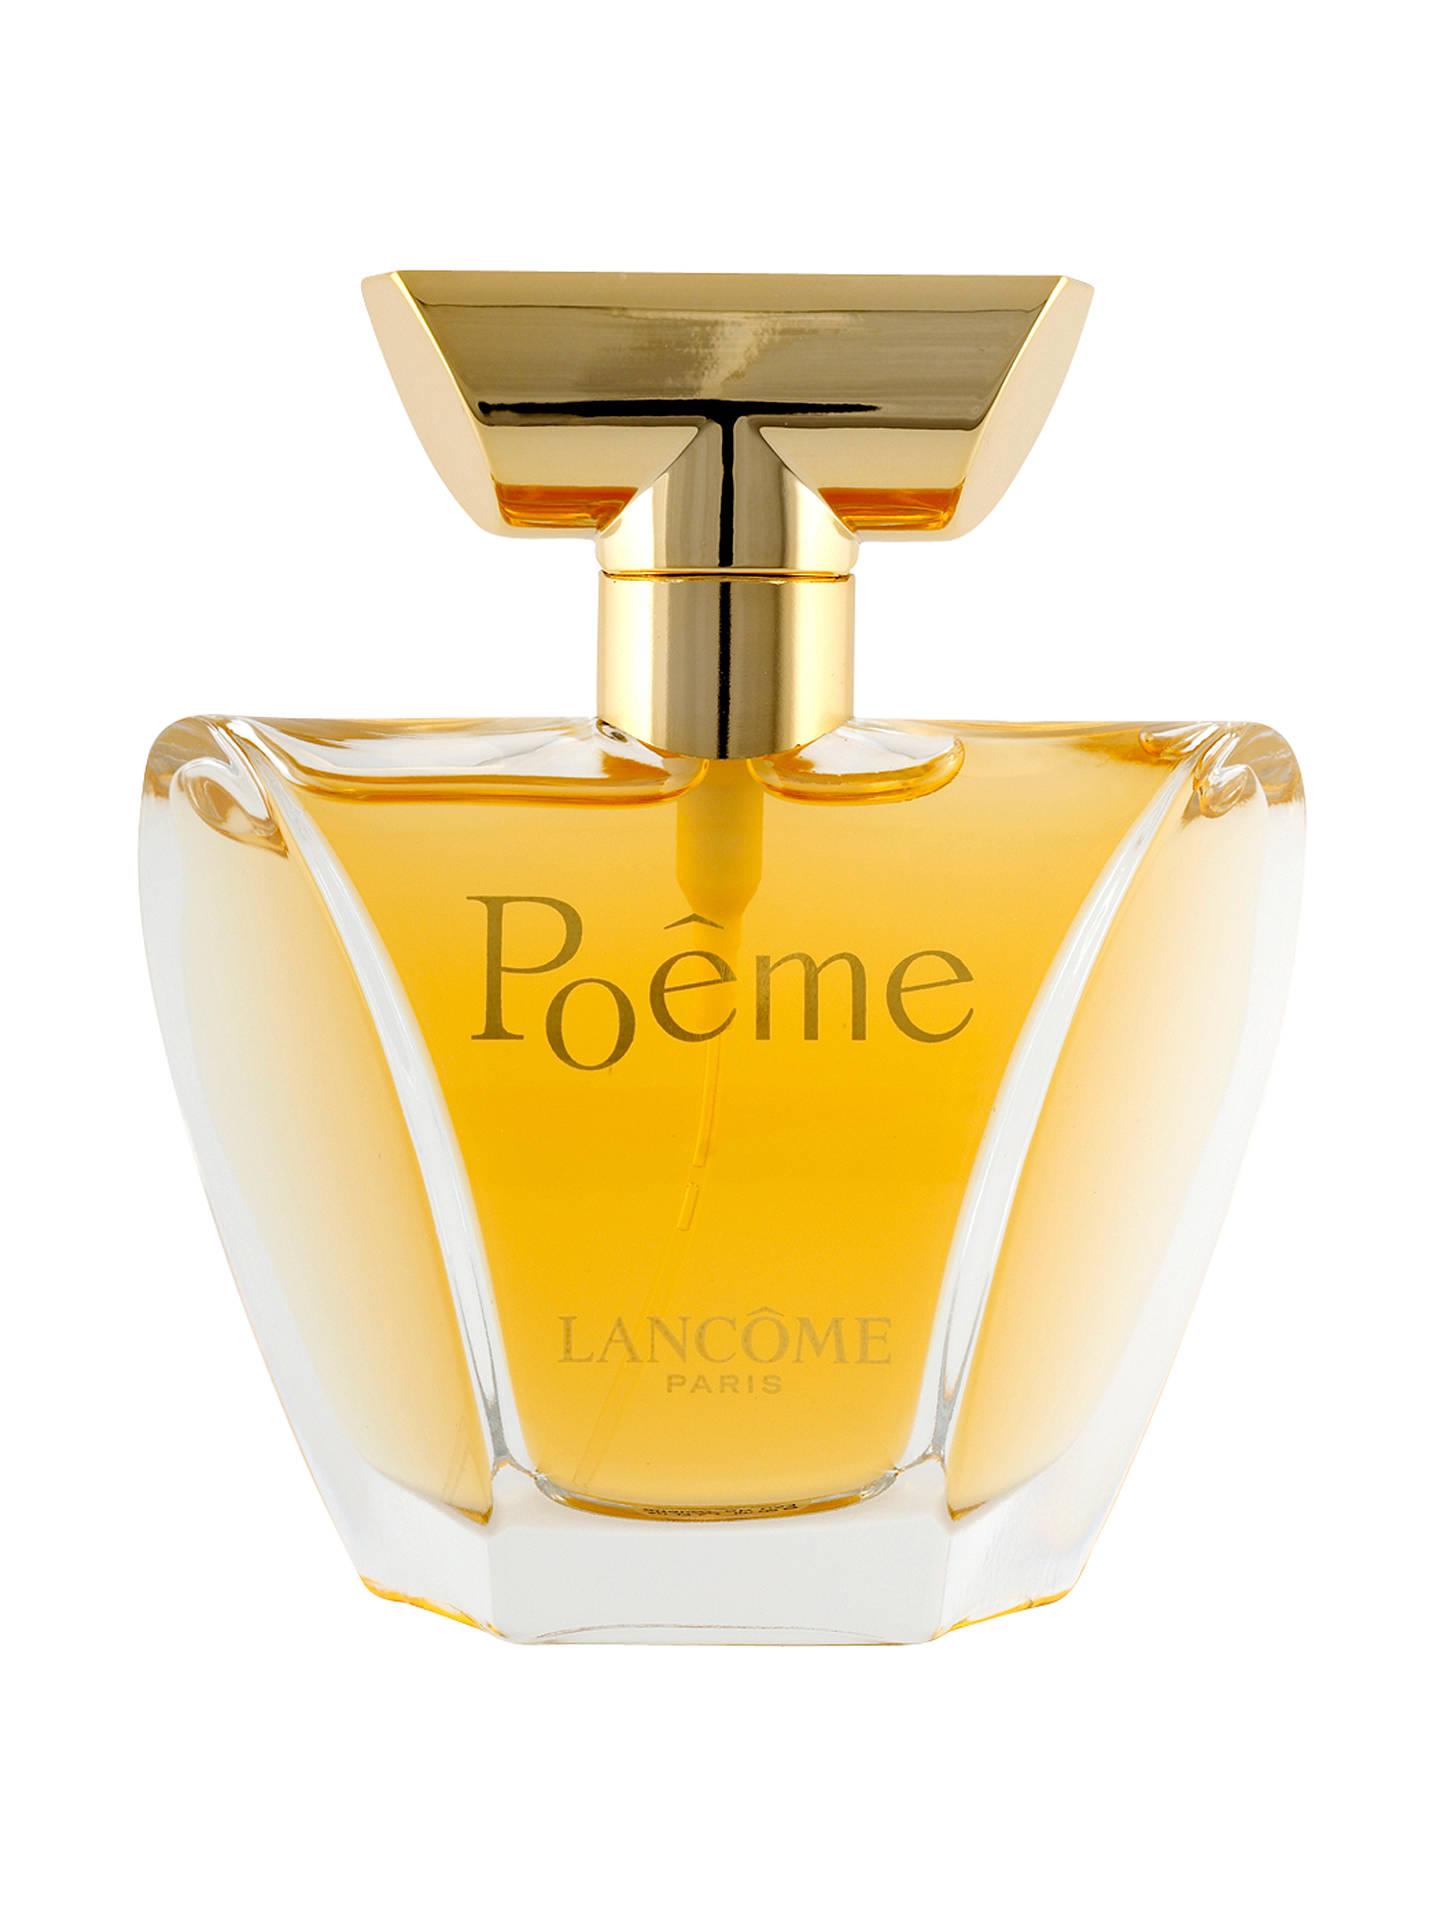 Lancôme Poême Eau De Parfum Spray At John Lewis Partners